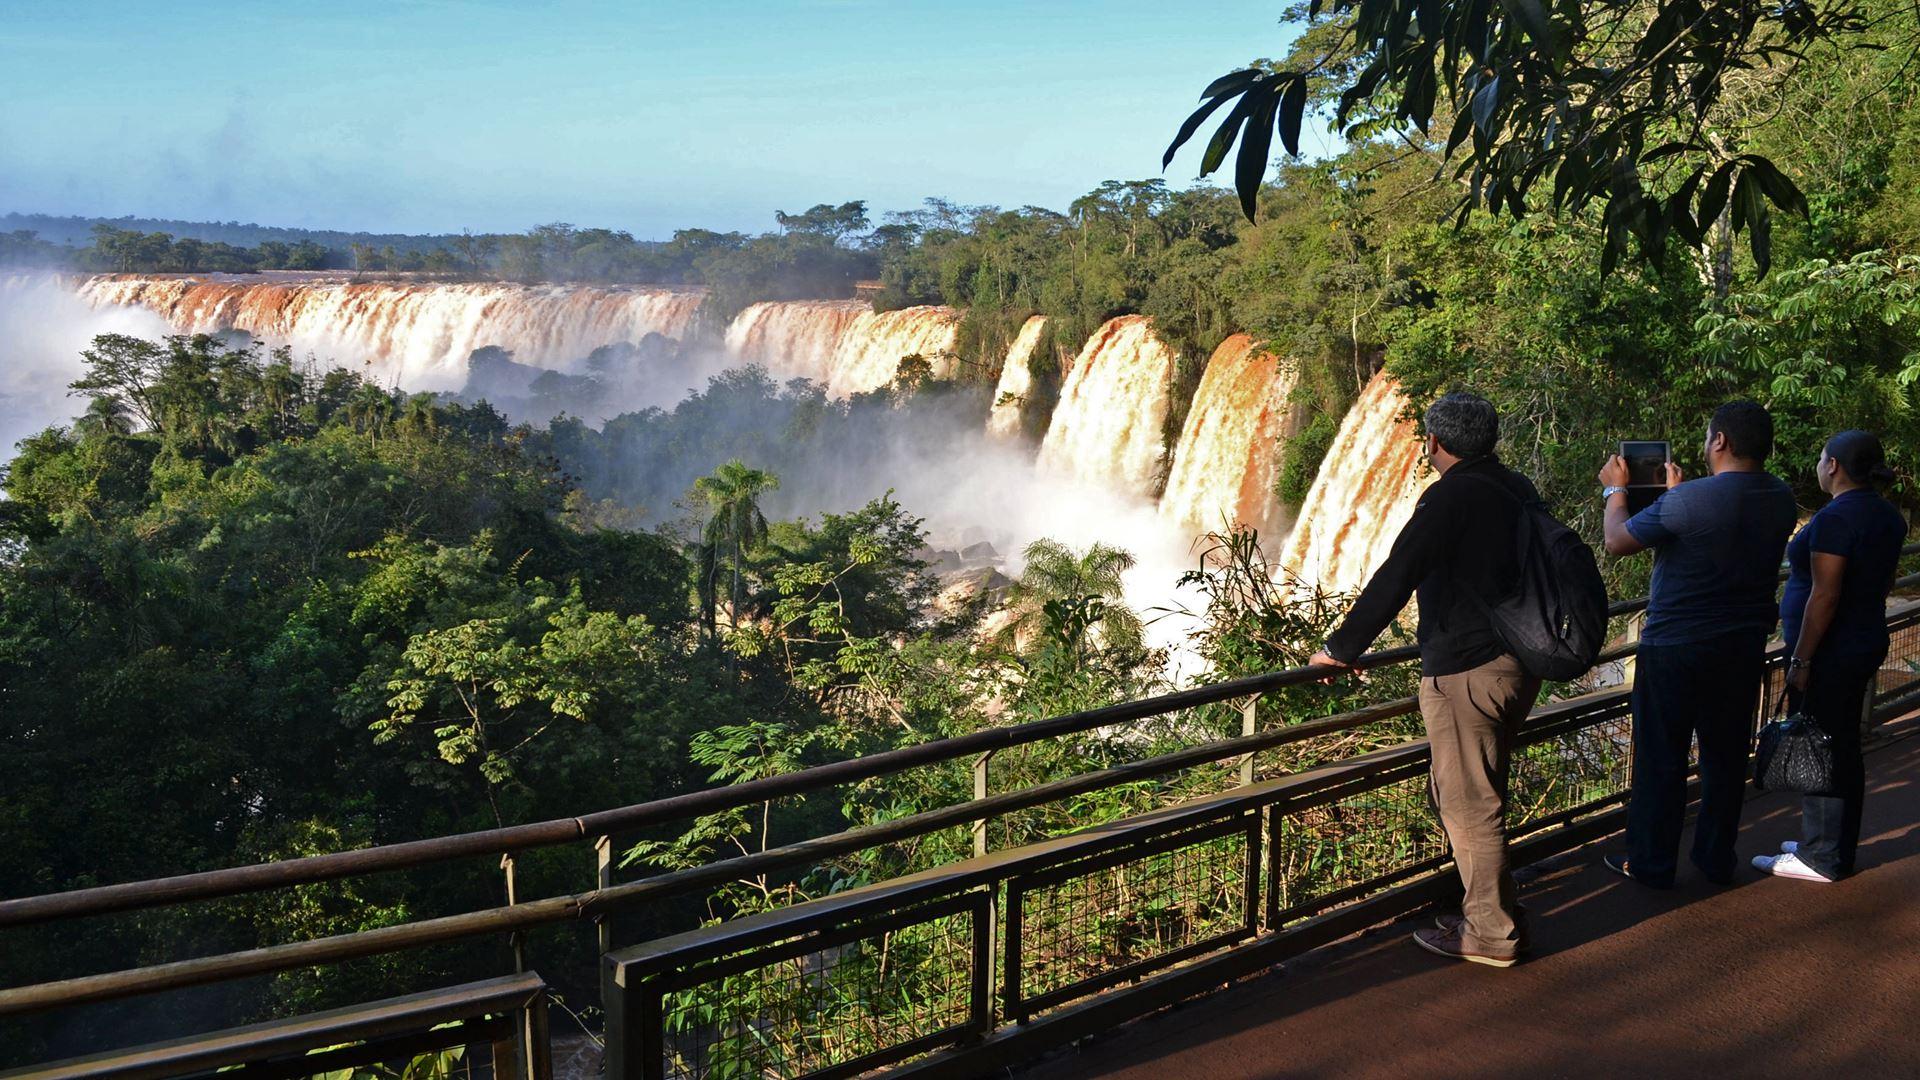 Promo: Argentinische Iguazú-Wasserfälle + Brasilianische Iguazú-Wasserfälle. Der Hin- und Rücktransfer zum Flughafen ist kostenlos!